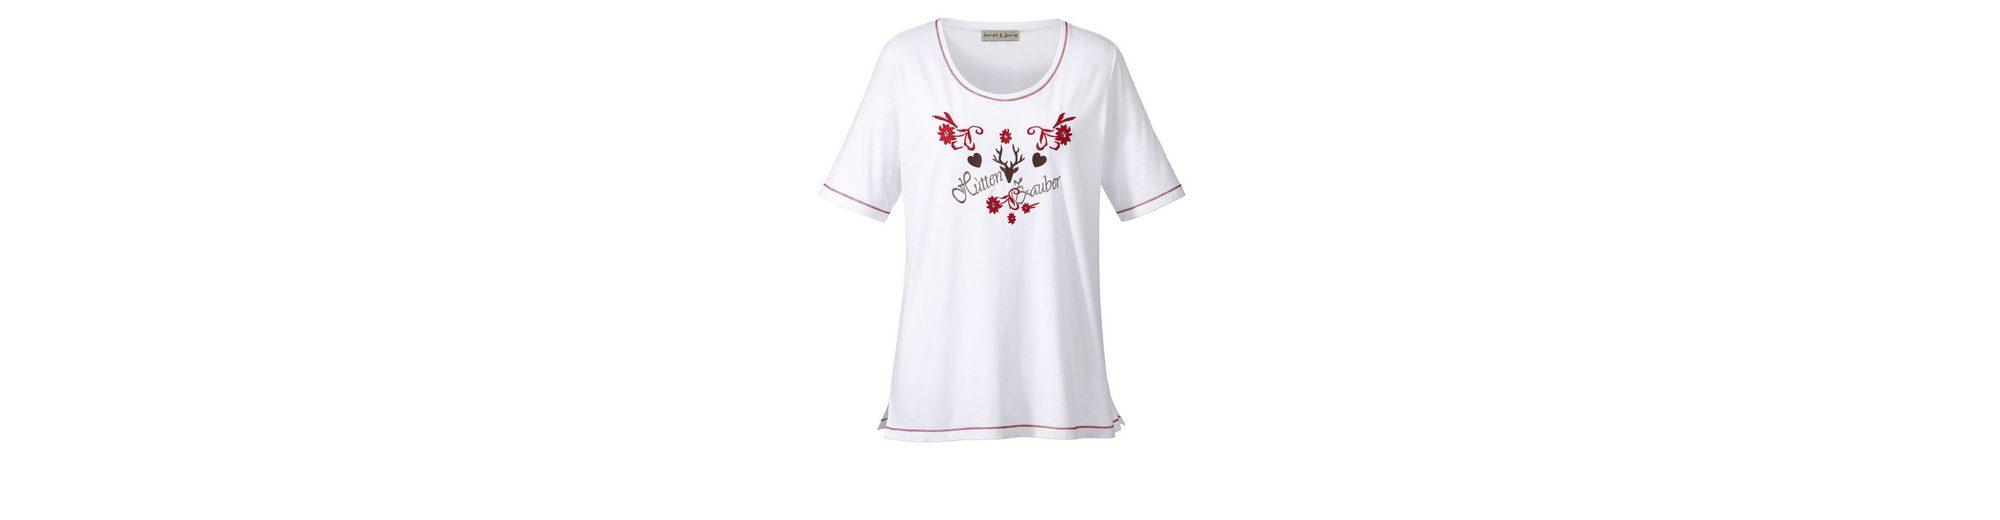 Beliebt Zu Verkaufen Janet und Joyce by Happy Size Shirt im Trachten-Look Günstiger Preis JcWd3